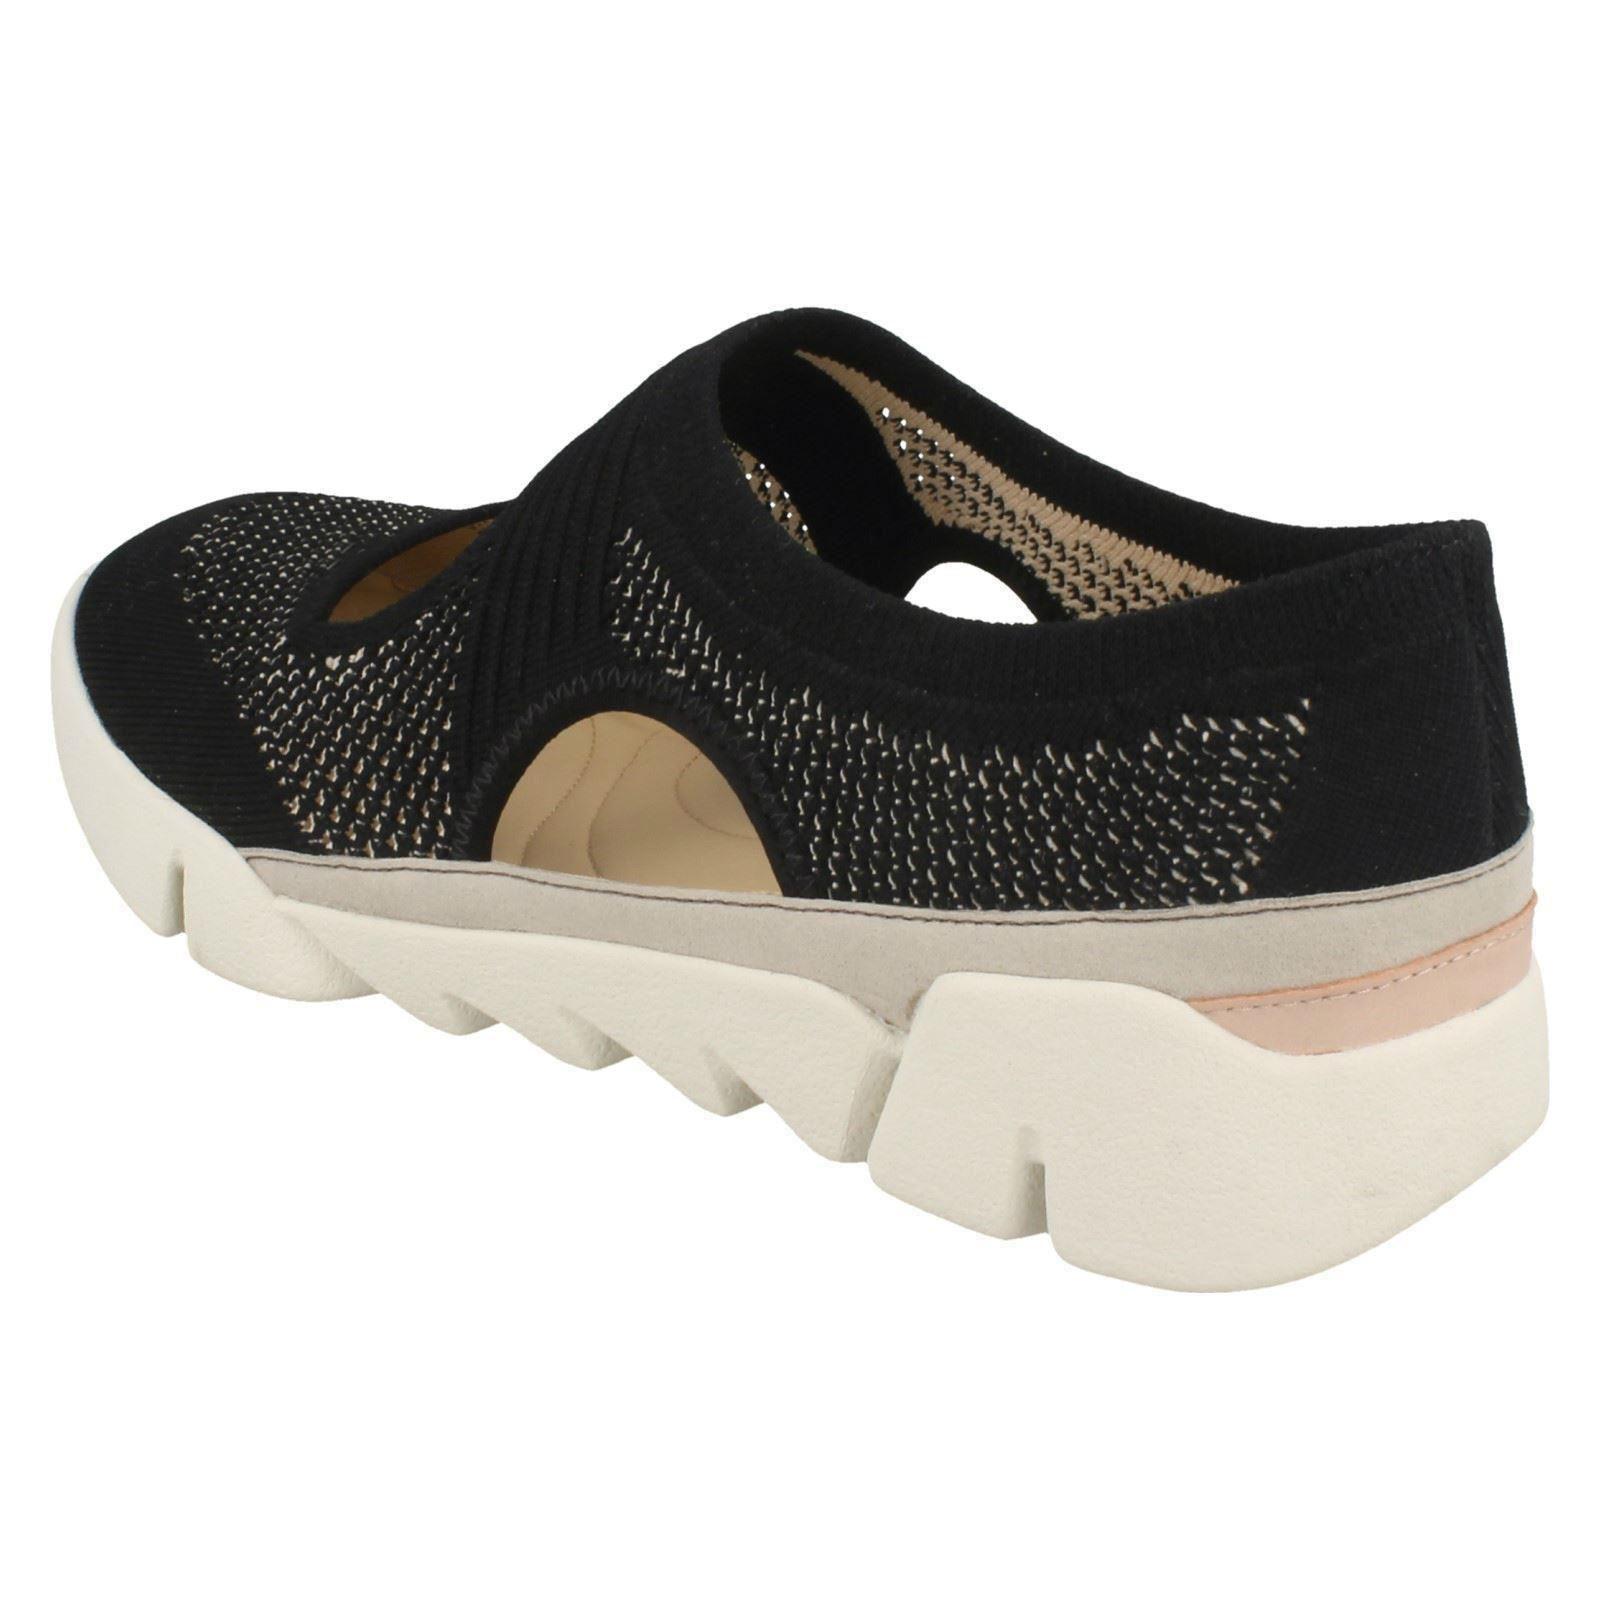 Moda barata y Descuento hermosa Descuento y por tiempo limitado Ladies Clarks Cut Out Detail Flats Shoes Tri Blossom 955d99